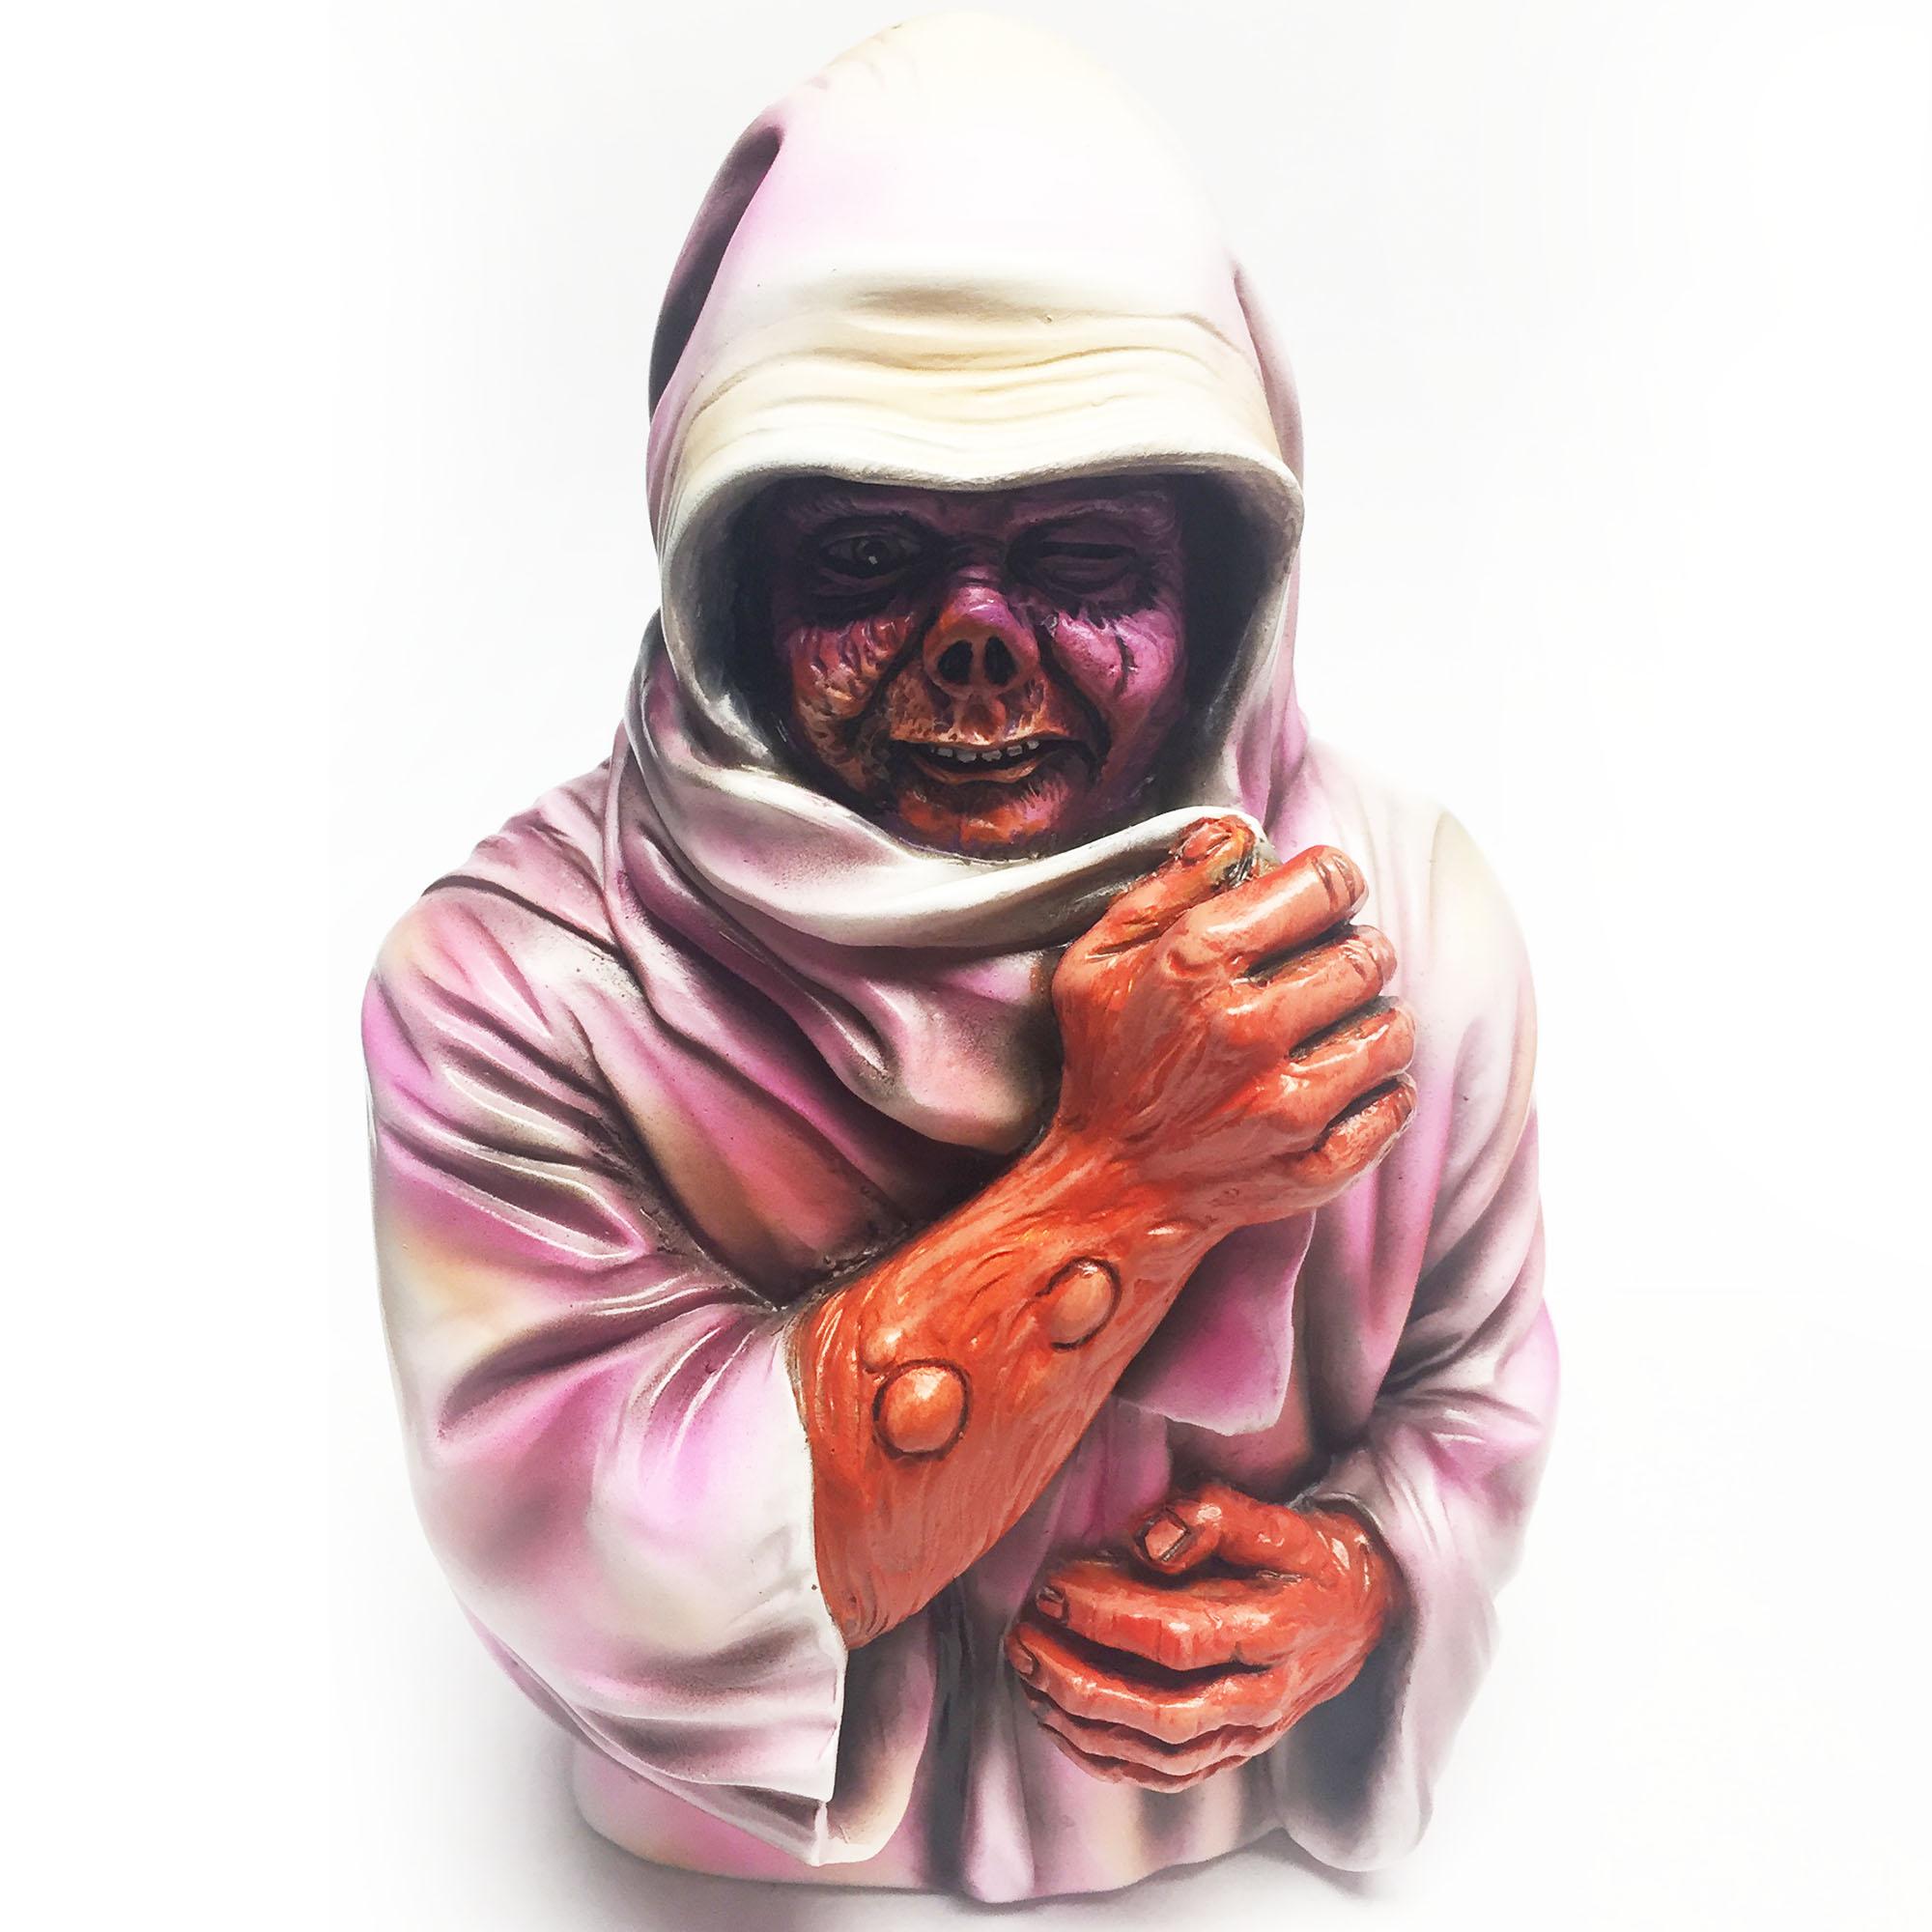 DEATH Leprosy (1988/2019) Réédition + Bust figurine chez RELASPSE RECORDS Eb56d410